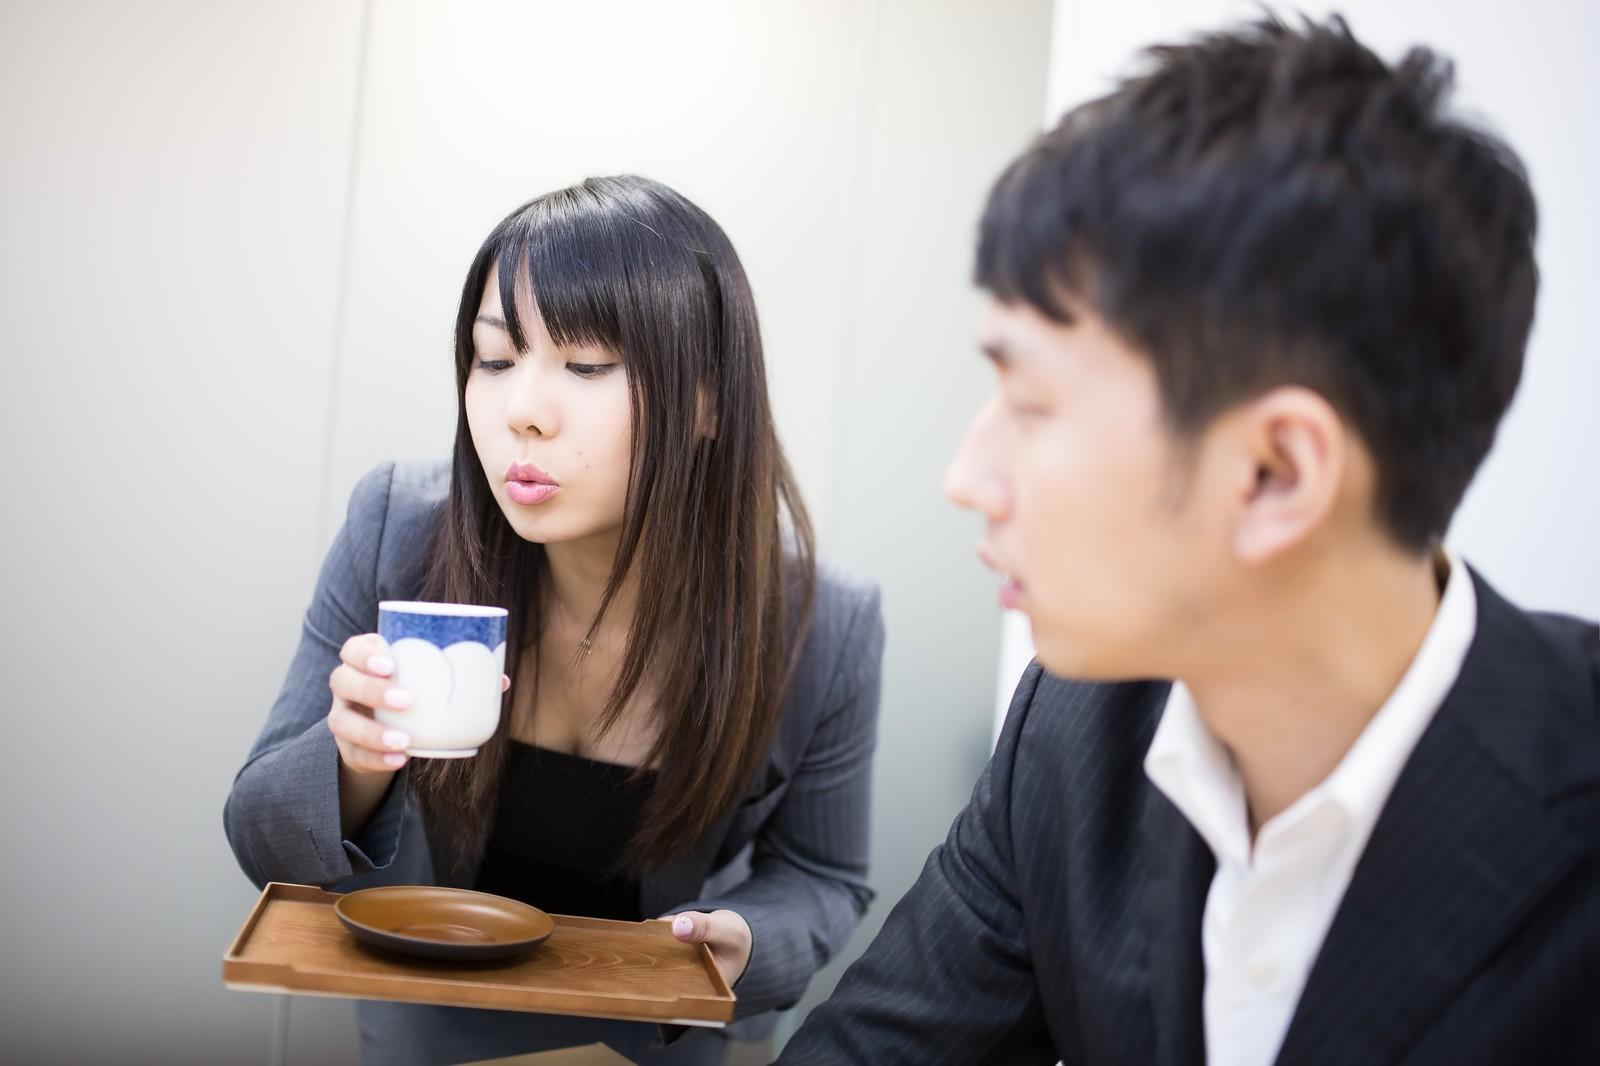 「「You know me?」と目配せをしながら湯のみをフーフーするキラキラ女子」の写真[モデル:大川竜弥 Lala]